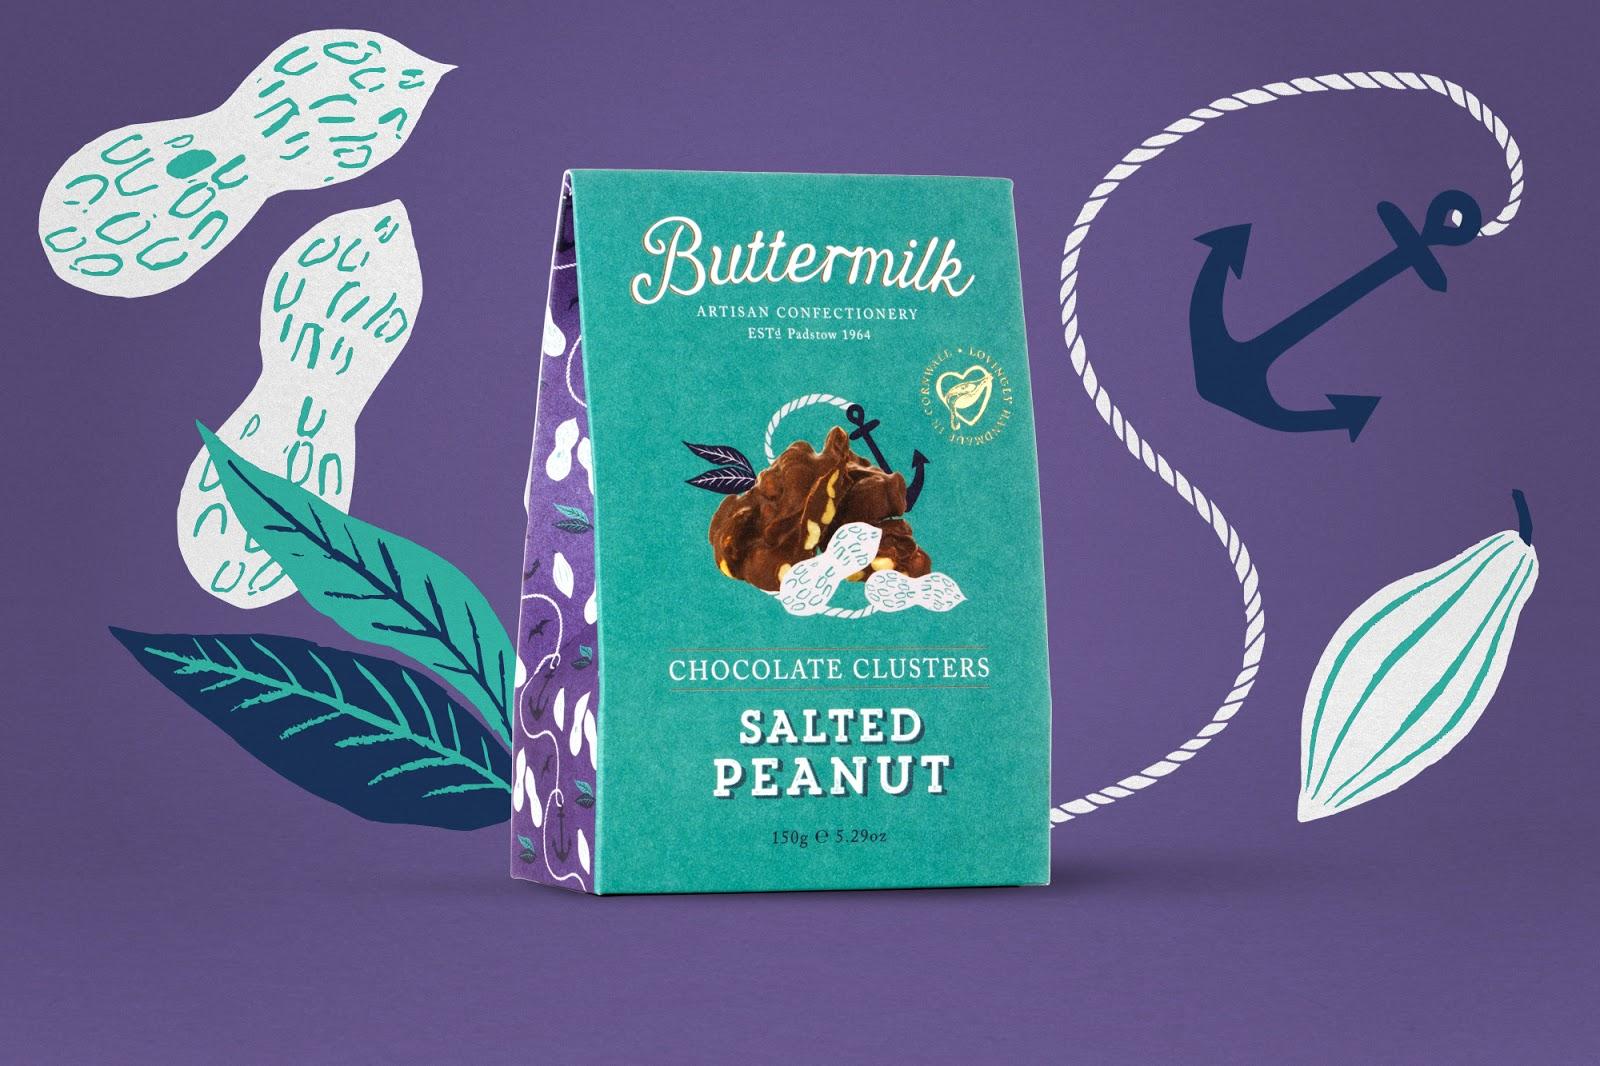 rgb.vn_buttermilk-packaging_15